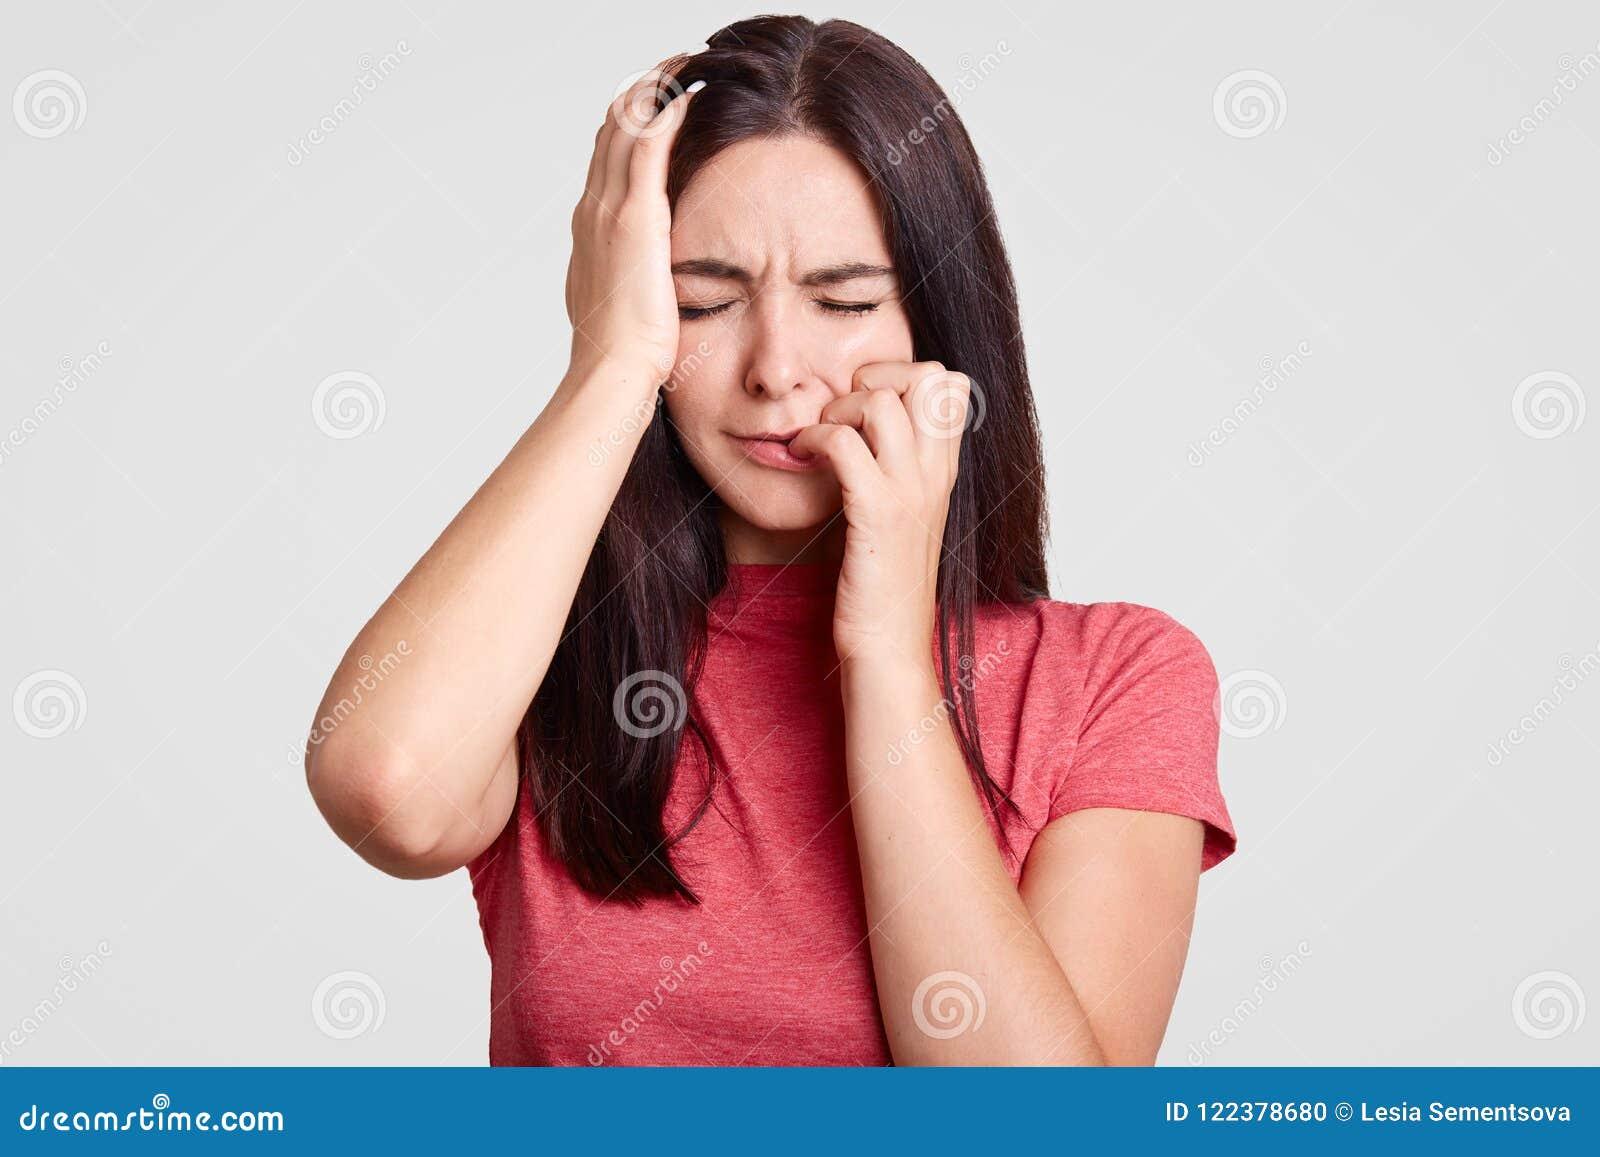 Les gens et le concept de tristesse La femelle soumise à une contrainte de brune maintient des yeux fermés, touche la tête, sent